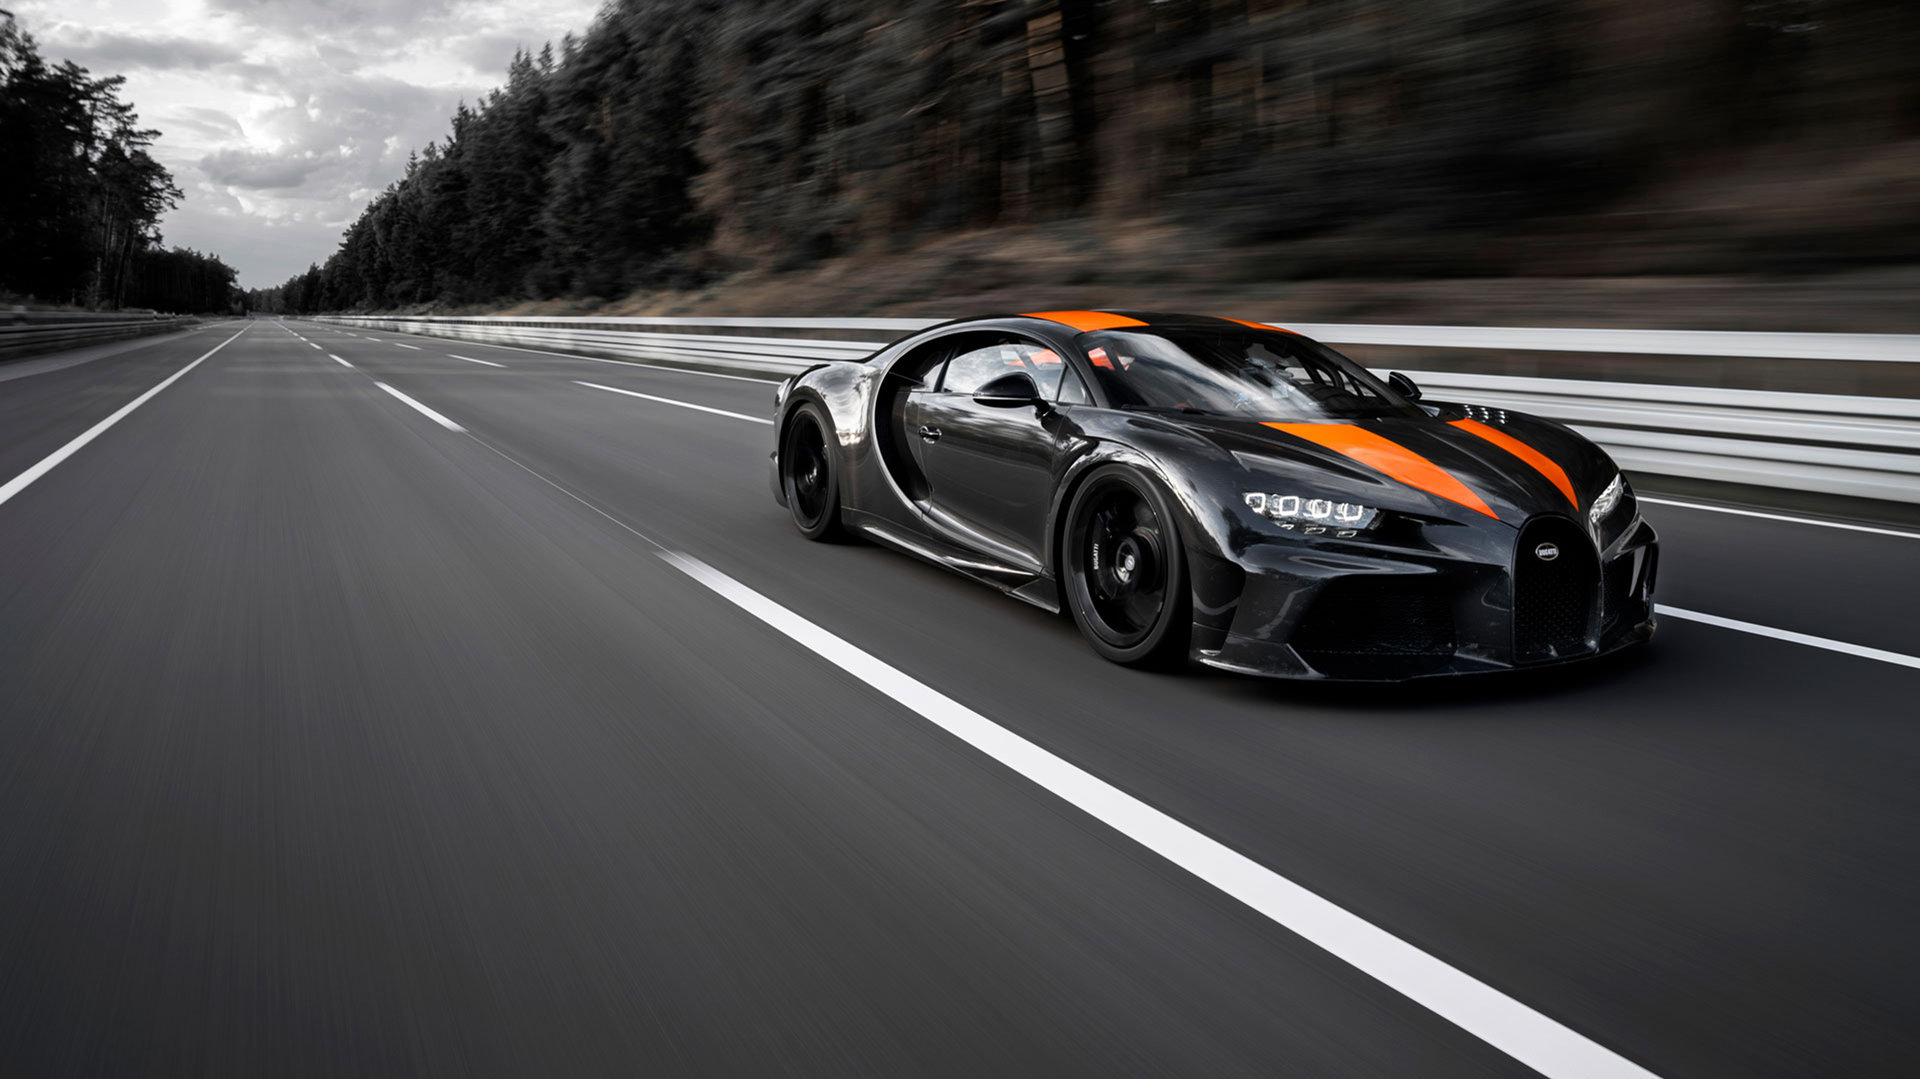 El Bugatti Chiron ya es el coche de producción más rápido del mundo: 490 km/h